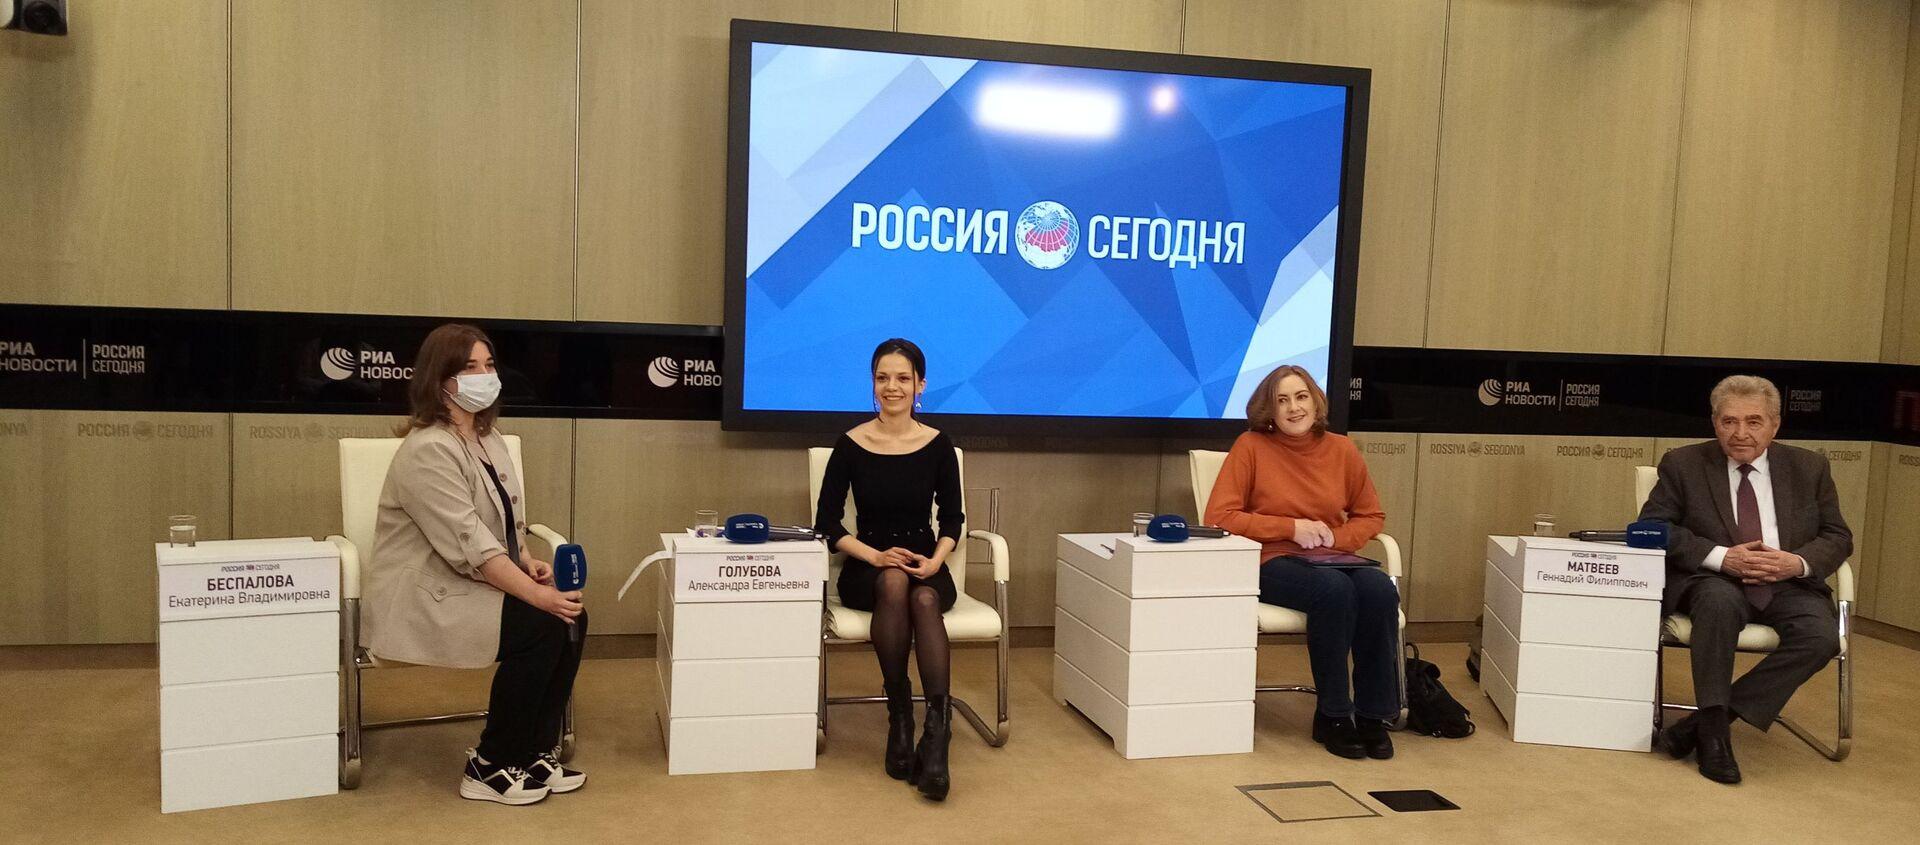 Uczestnicy konferencji na temat badań o stosunkach polsko-rosyjskich, Moskwa 24.03.2021 r. - Sputnik Polska, 1920, 24.03.2021